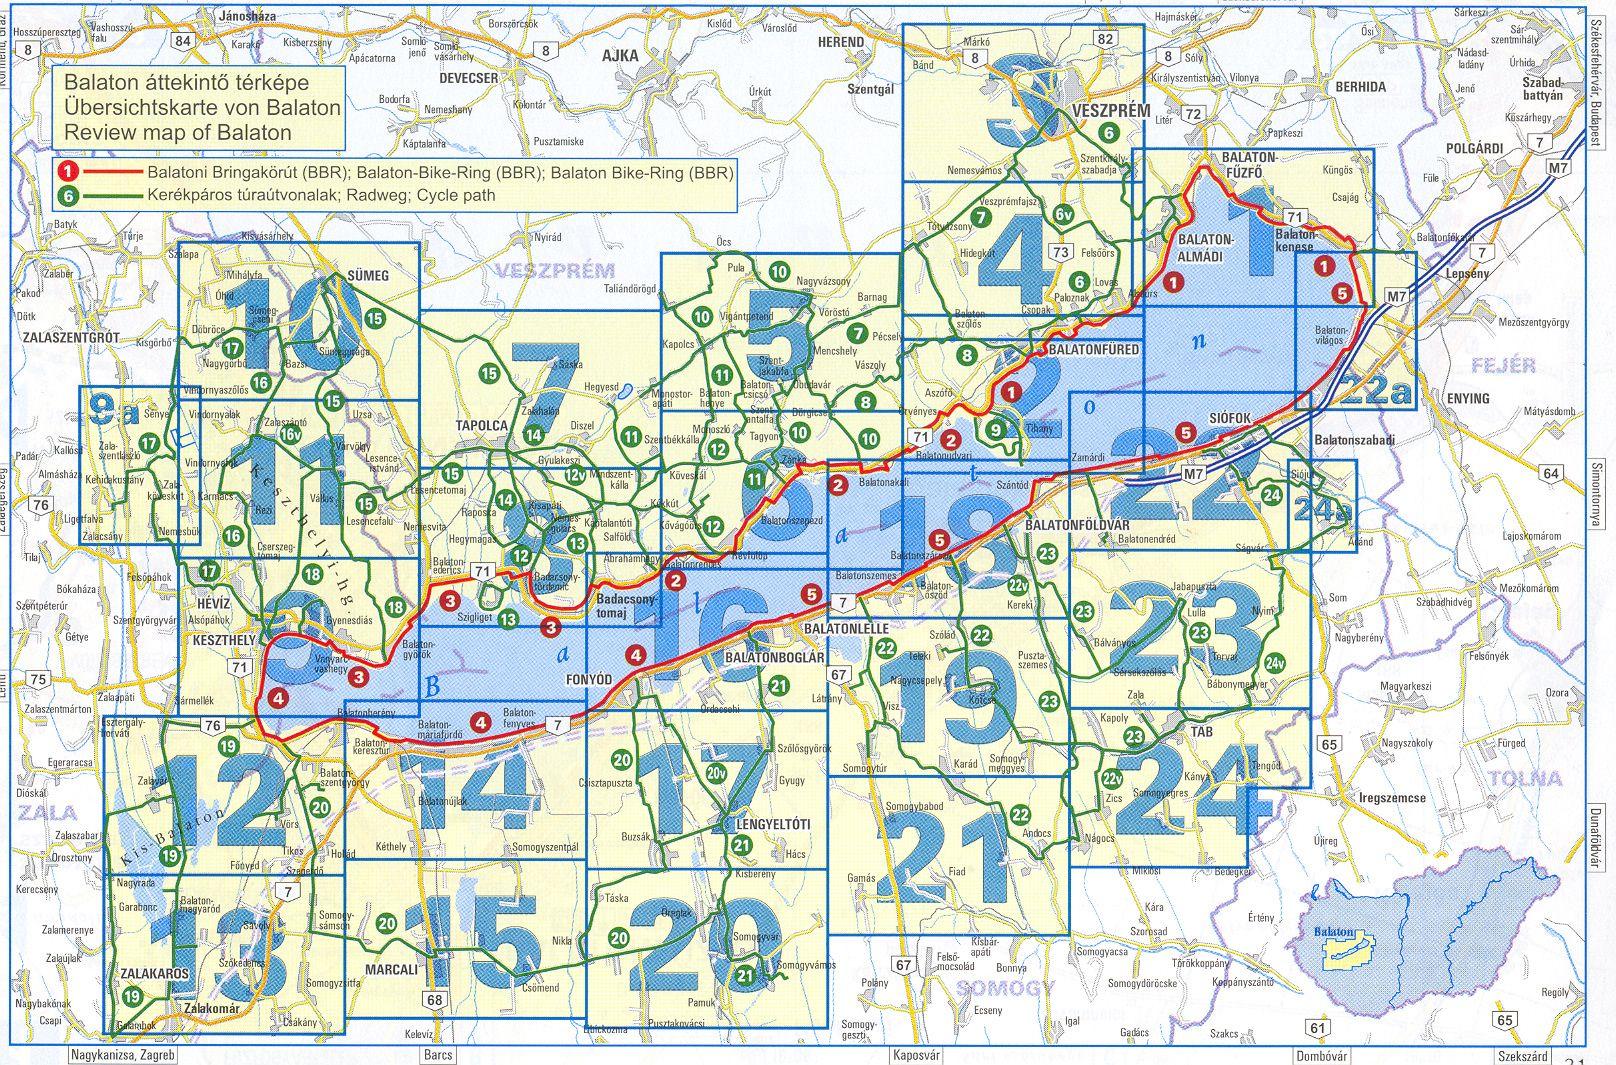 Balaton biciklis atlasz: a térképes oldalak beosztása